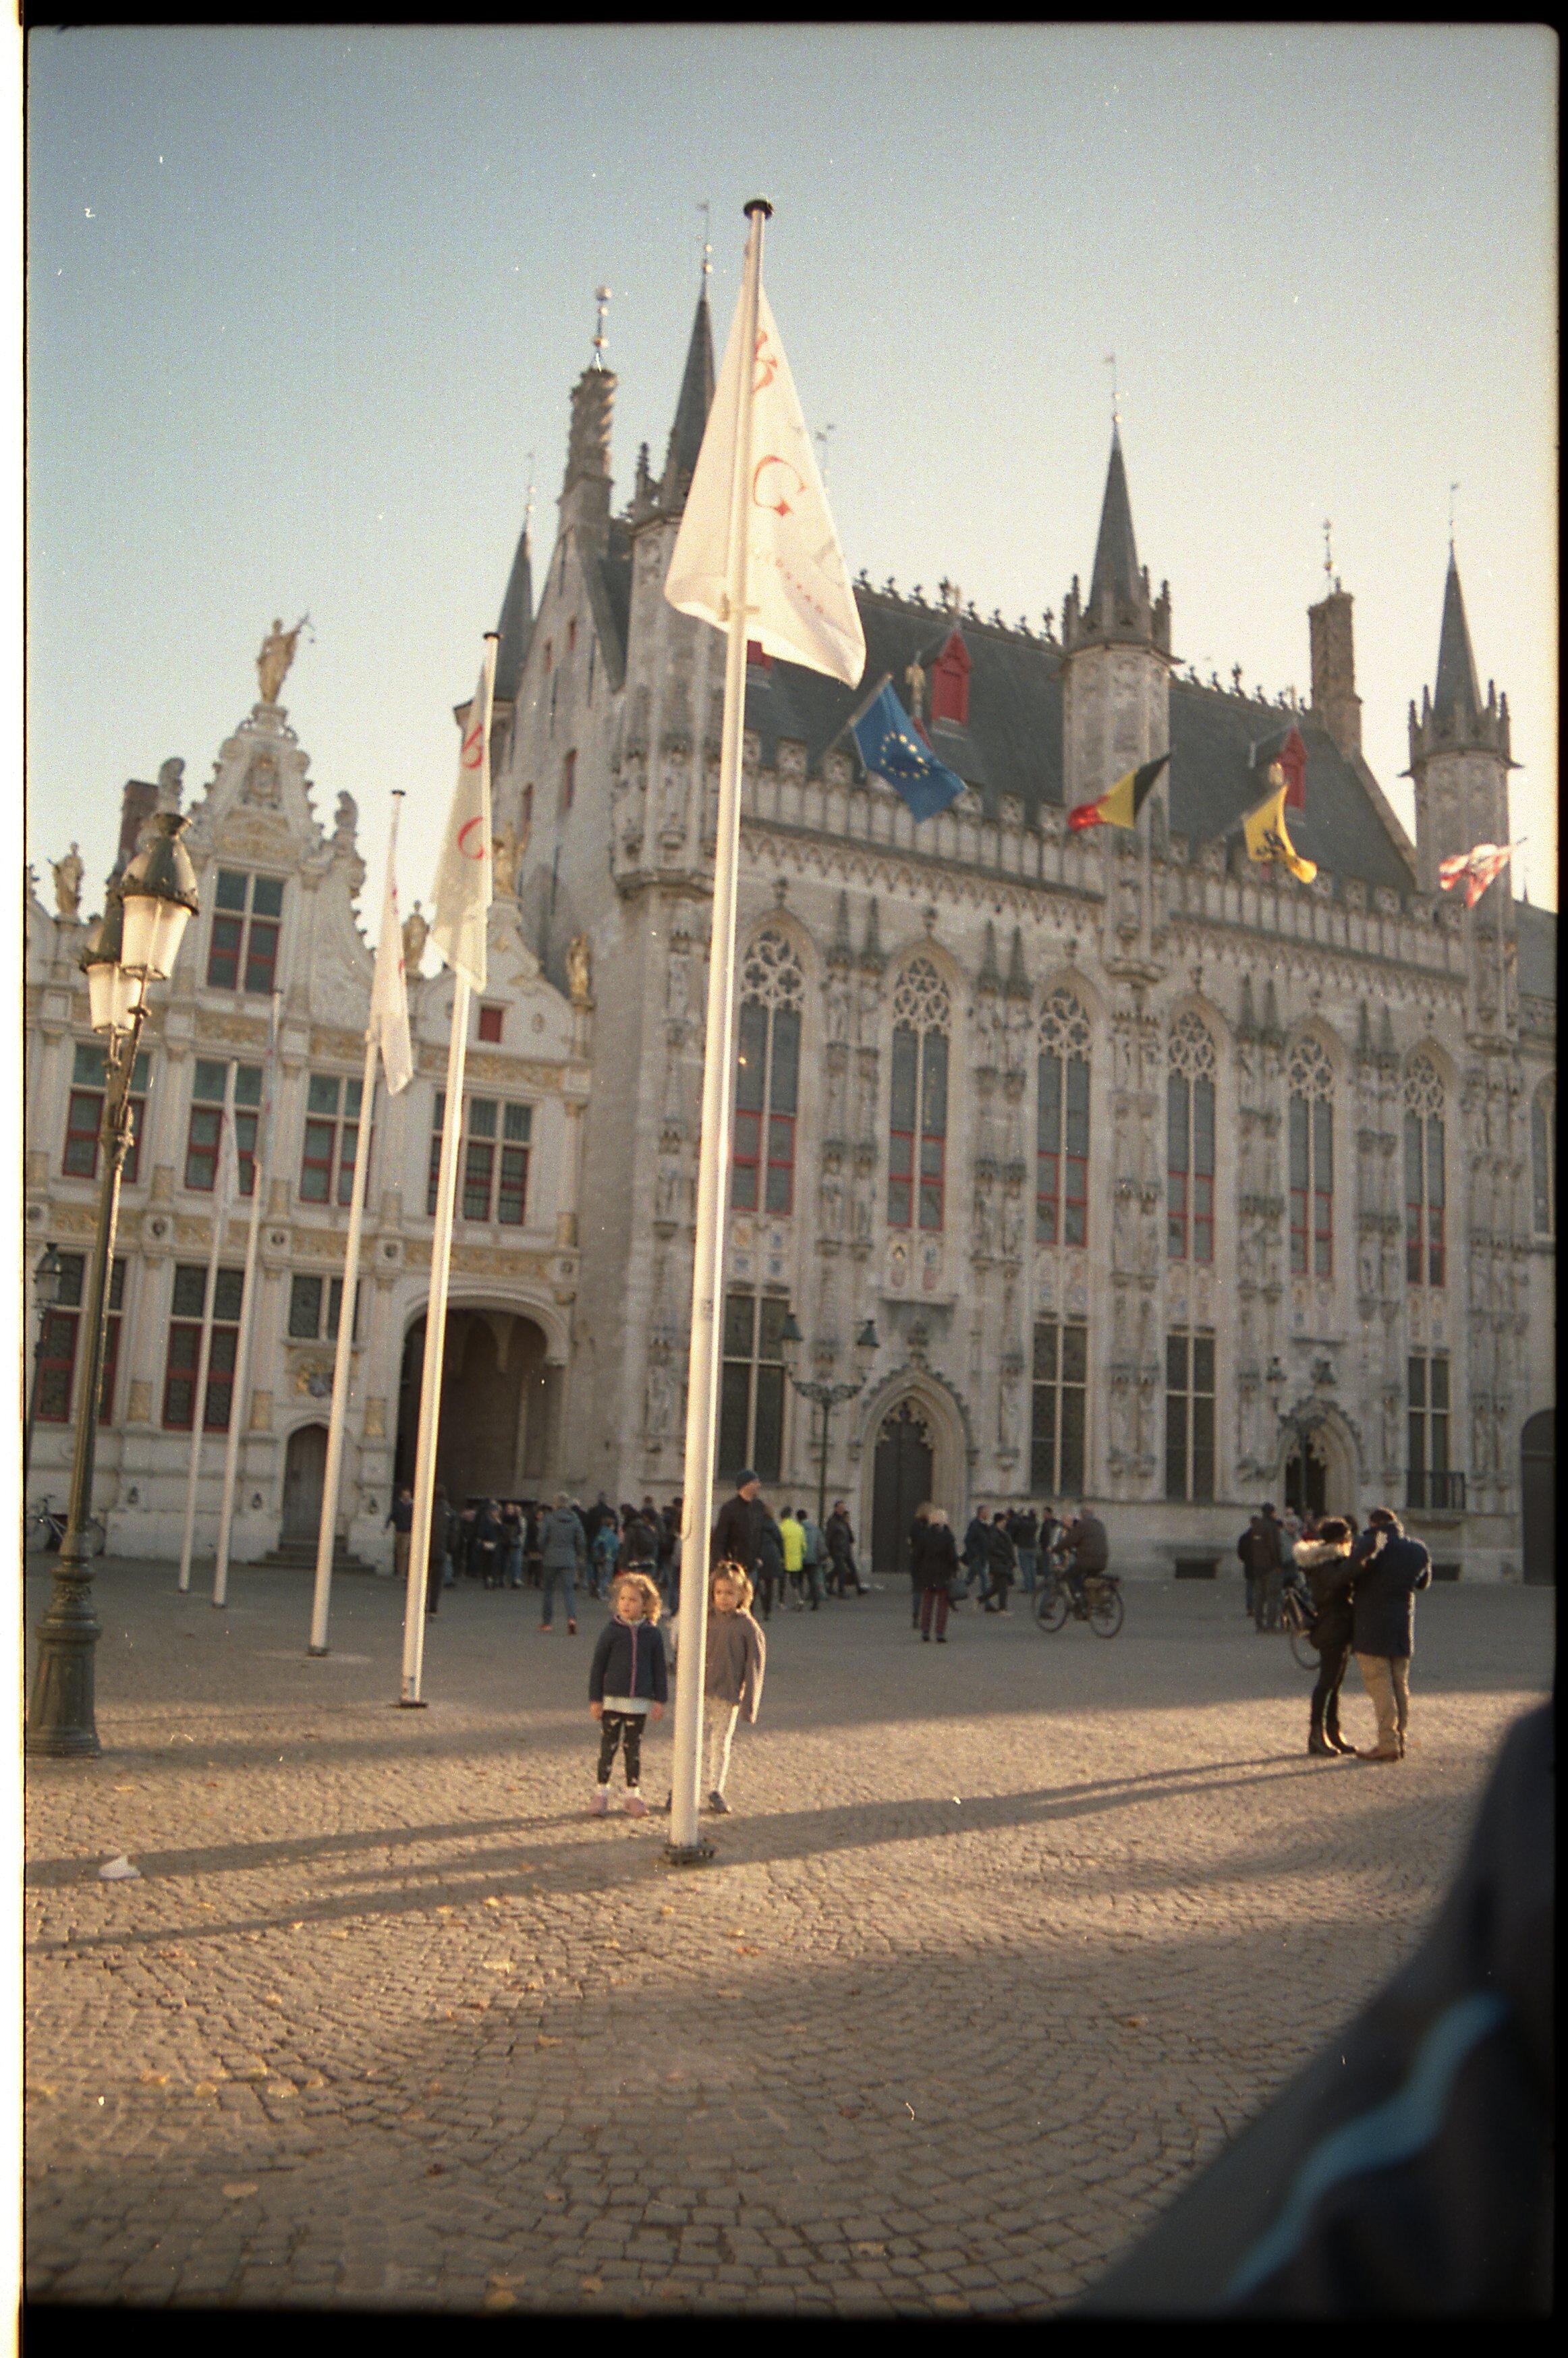 Bruges 35mm005.jpg